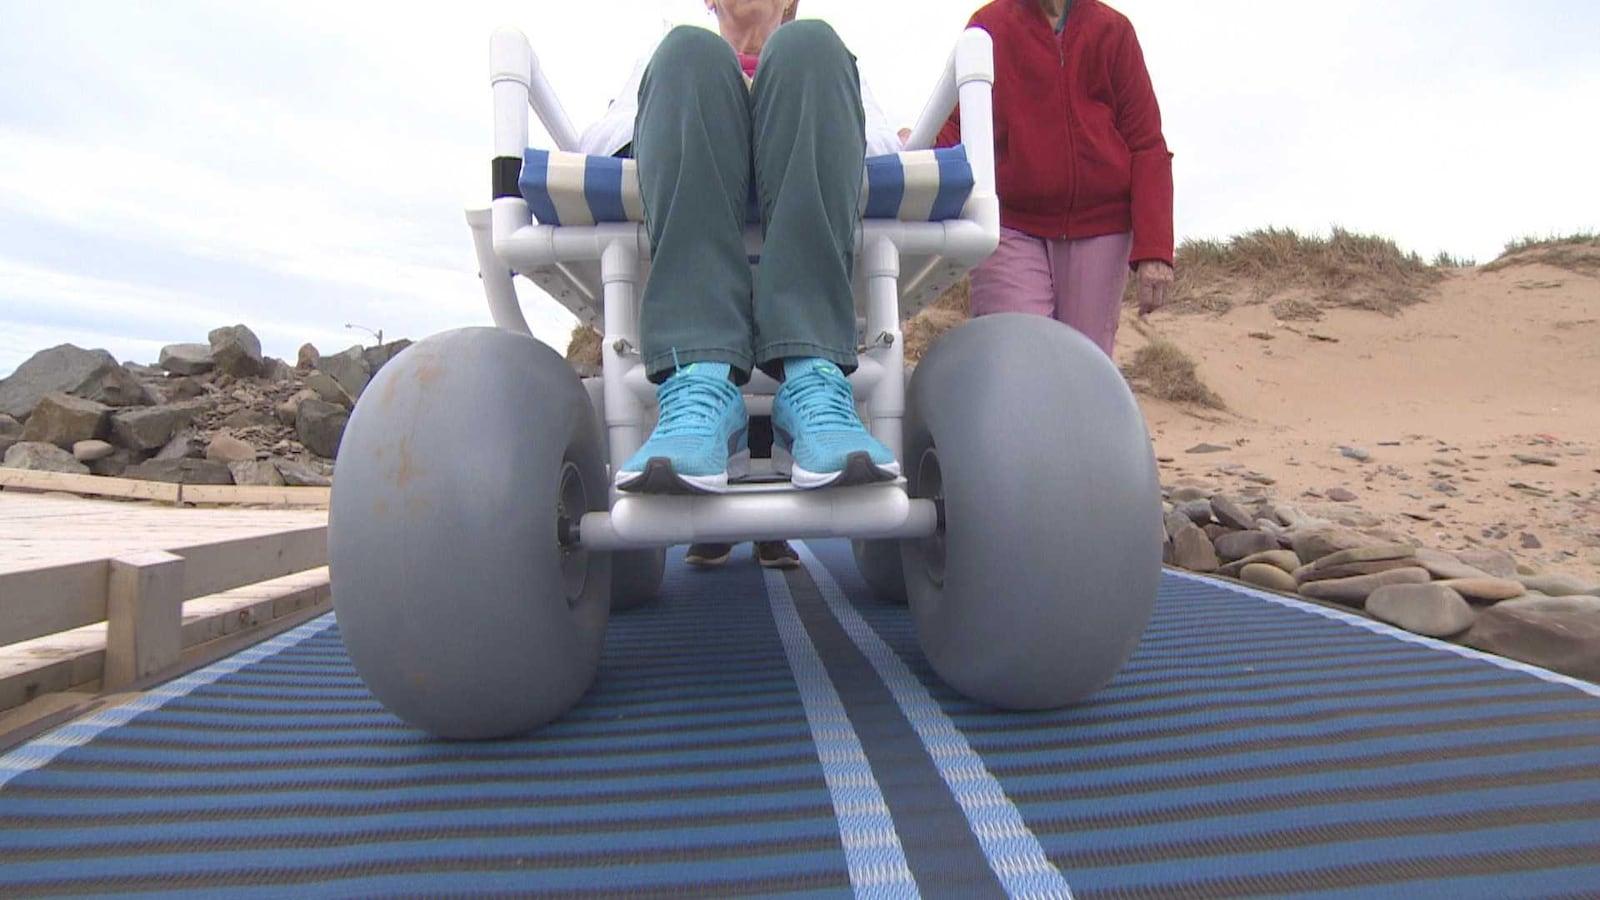 Roues Dun Fauteuil Roulant Adapte Pour Rouler Sur Le Sable Des Plages Les Personnes A Mobilite Reduite